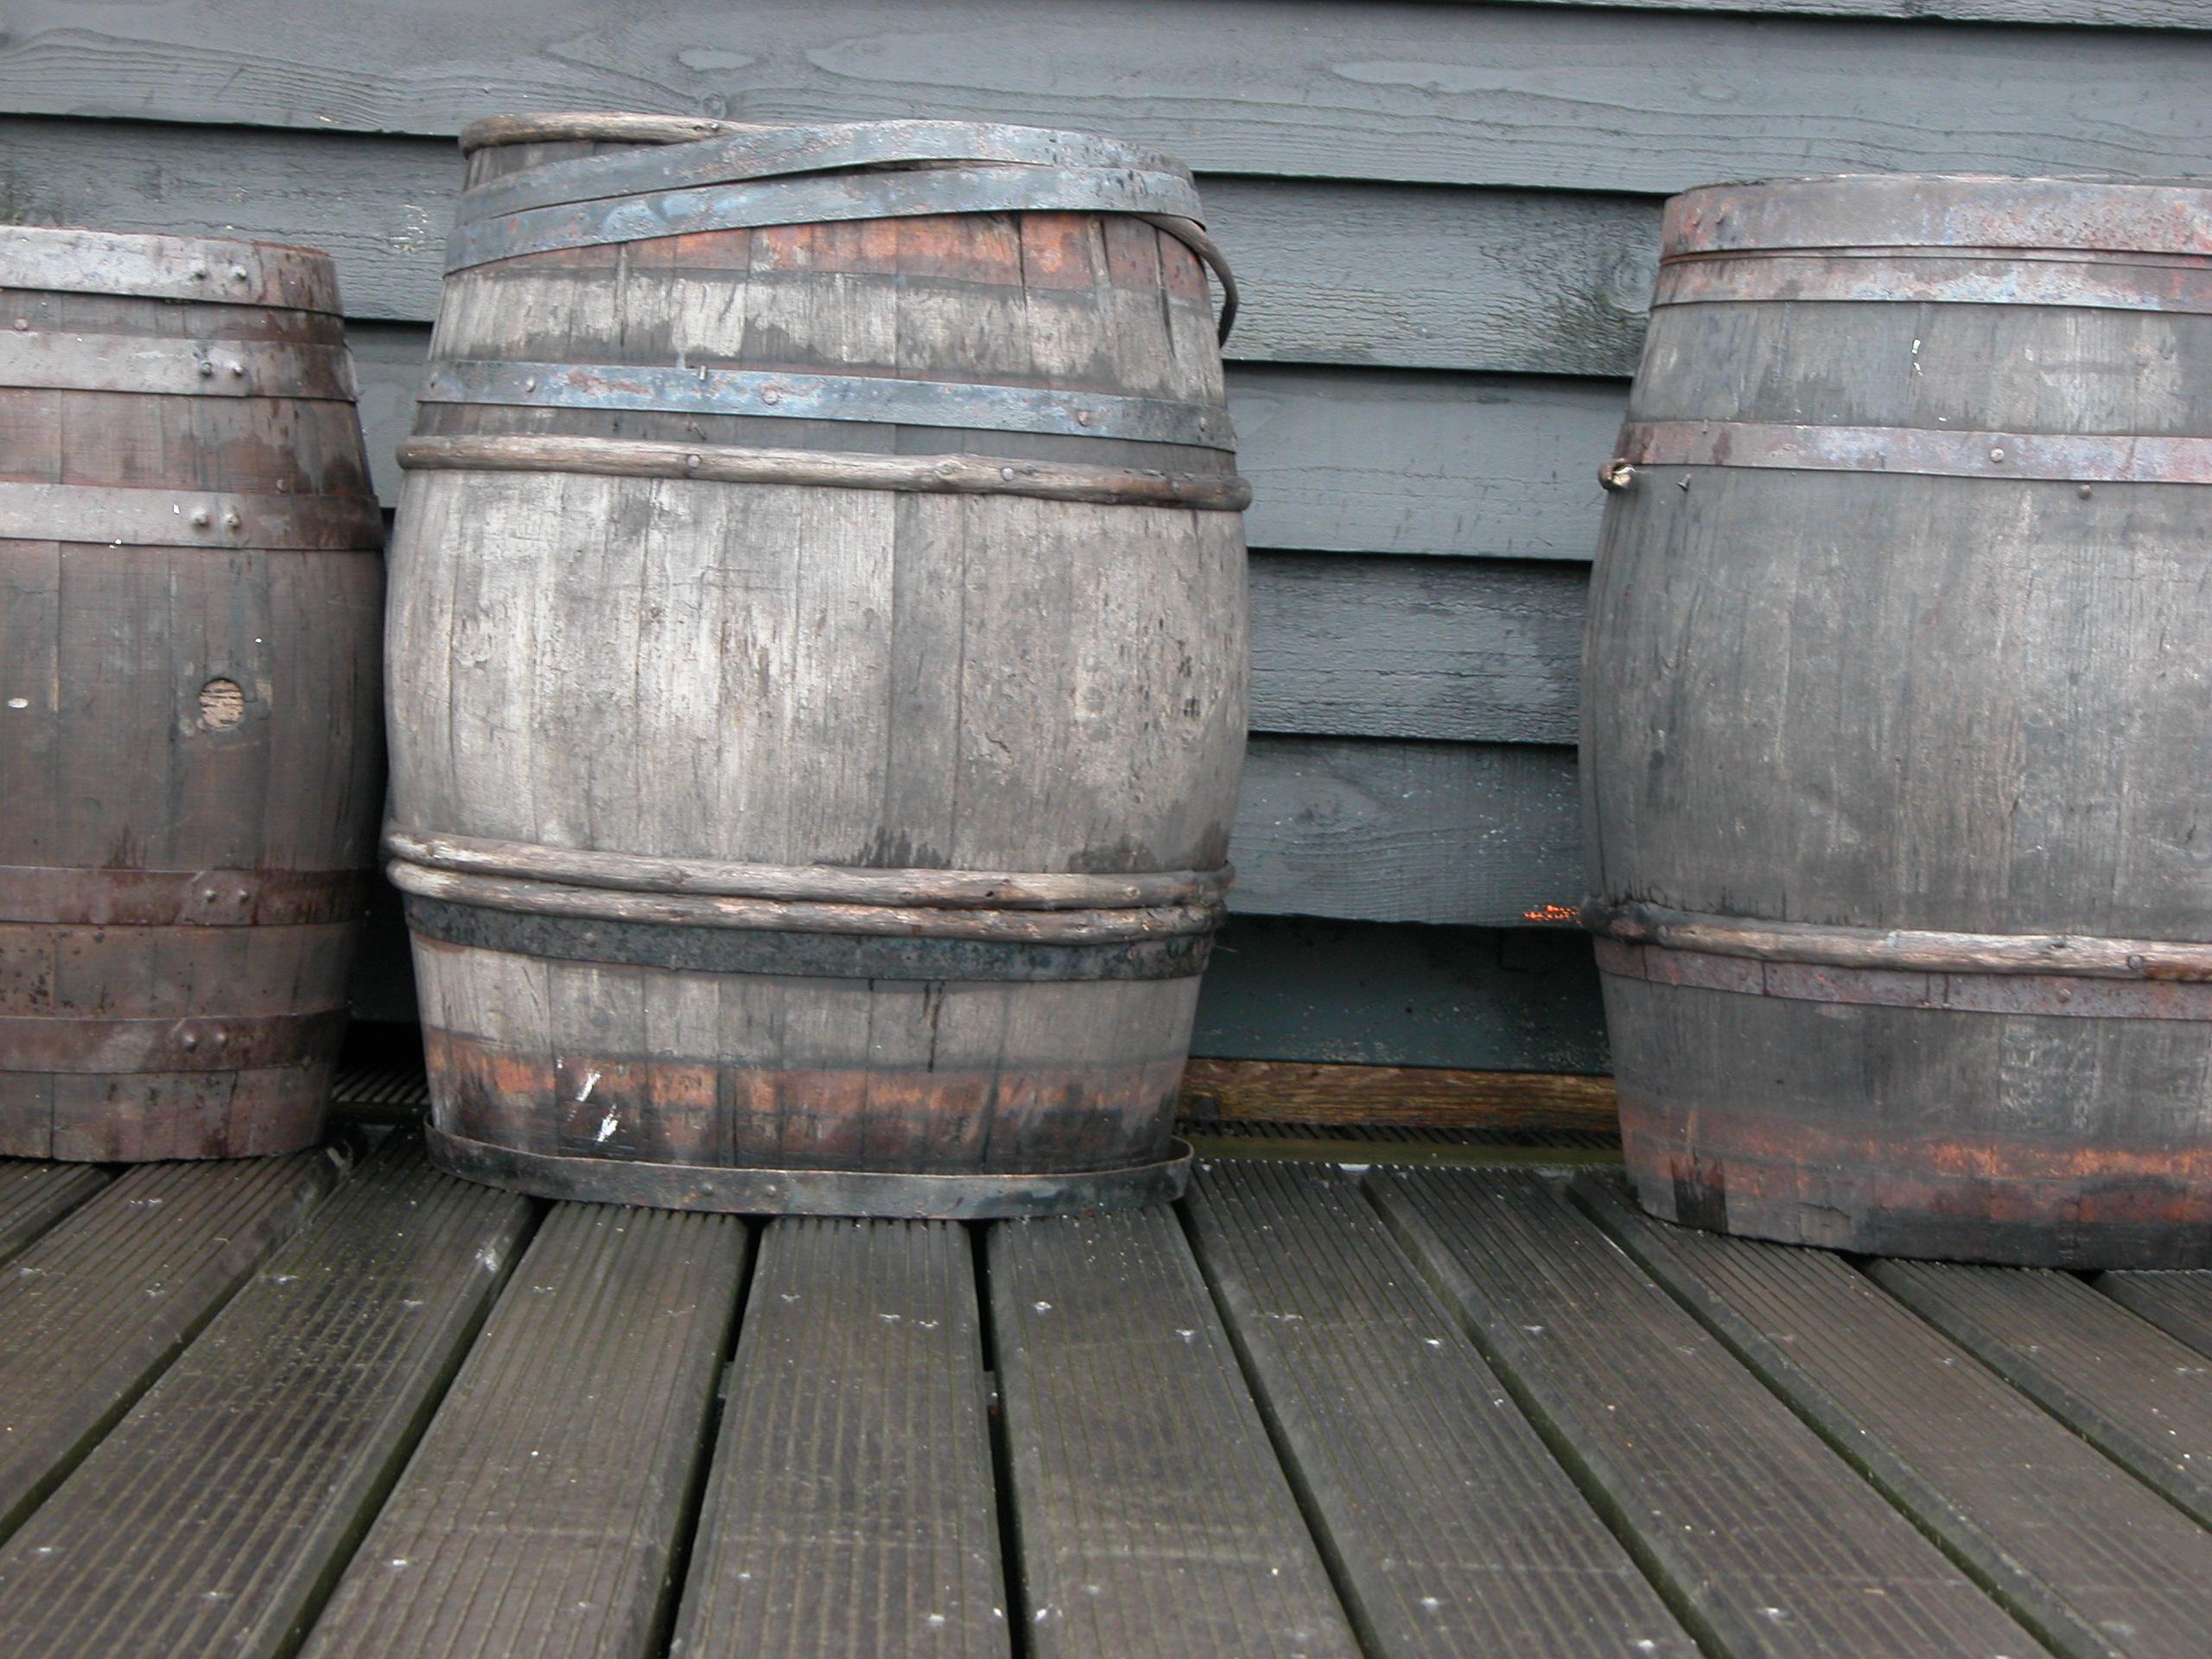 objects barrel wooden barrels voc wic wine water transport